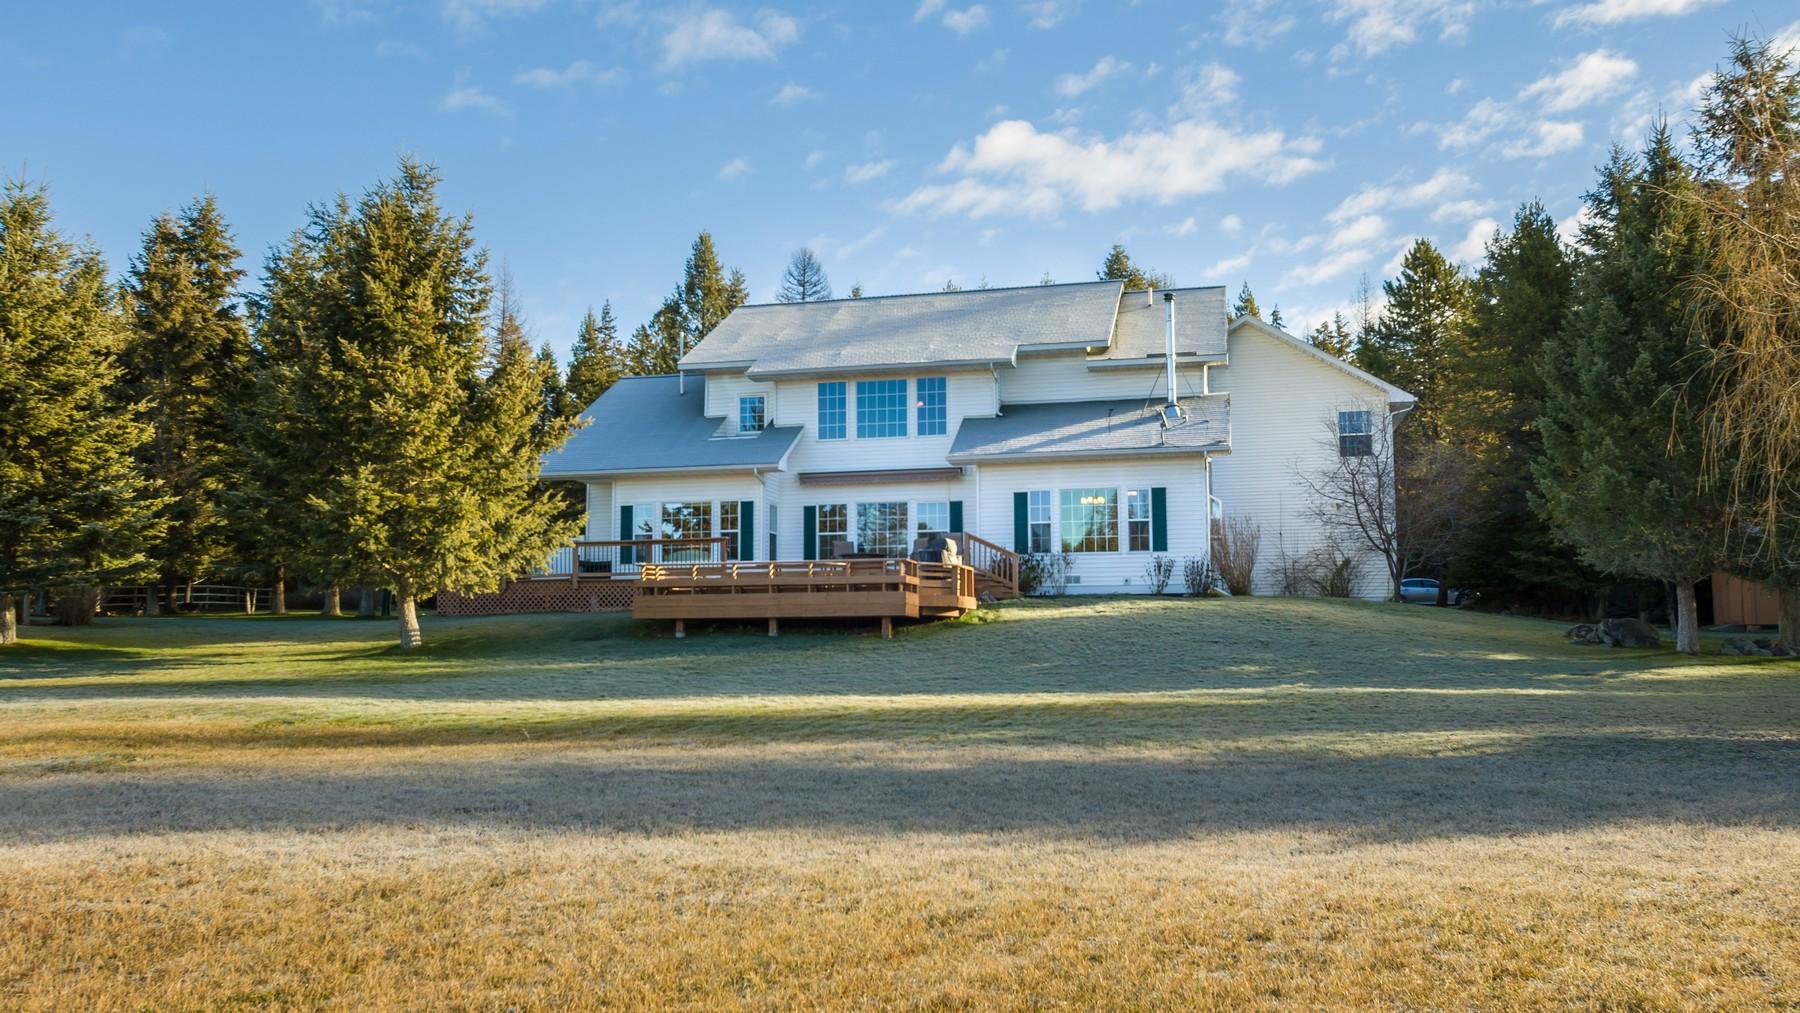 一戸建て のために 売買 アット 186 E Blanchard Lake Rd , Whitefish, MT 59937 Whitefish, モンタナ, 59937 アメリカ合衆国